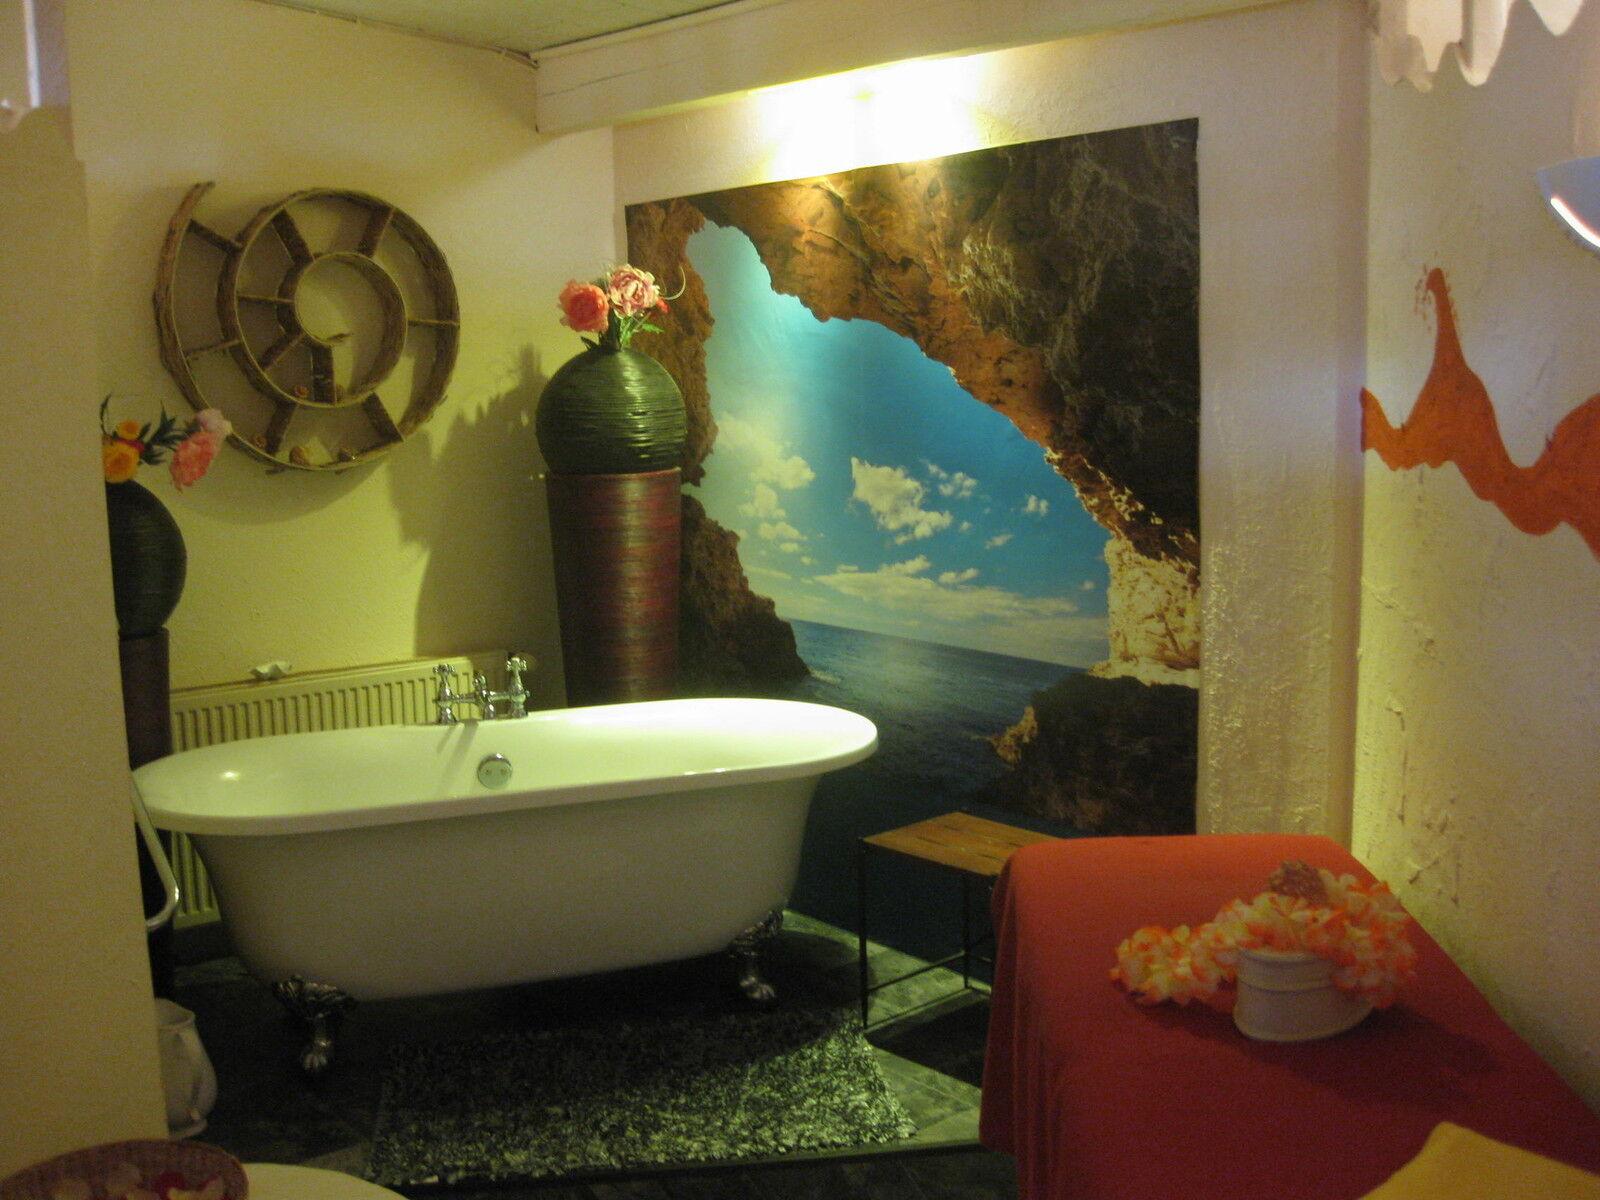 ayurveda wellness wochenende zu zweit an der nordsee eur 248 00 picclick de. Black Bedroom Furniture Sets. Home Design Ideas